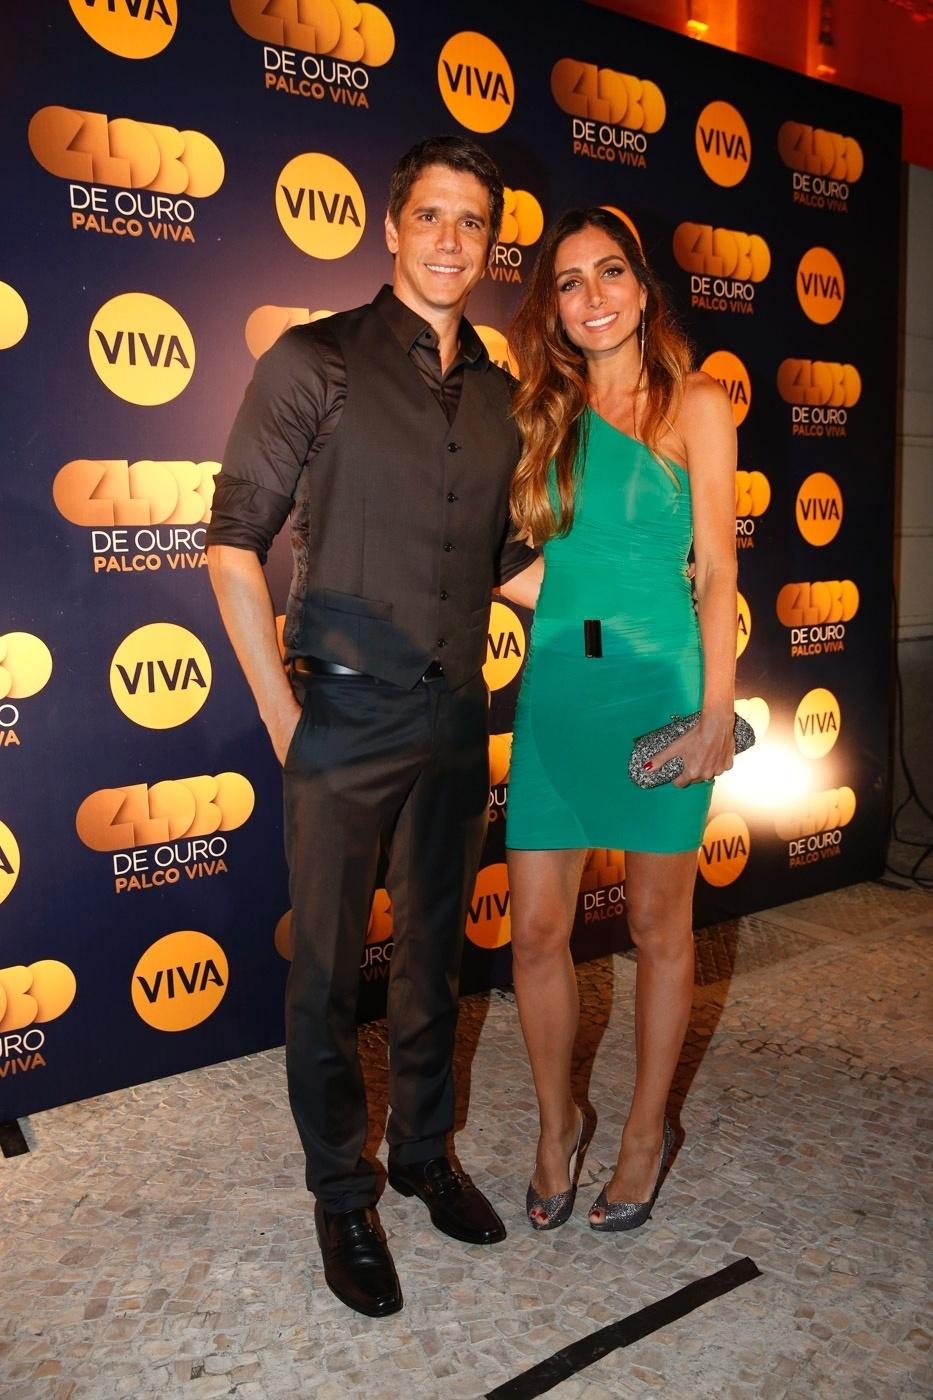 17.nov.2014 - Apresentador da nova fase, Márcio Garcia chega com a mulher, Andréa, à exibição do primeiro